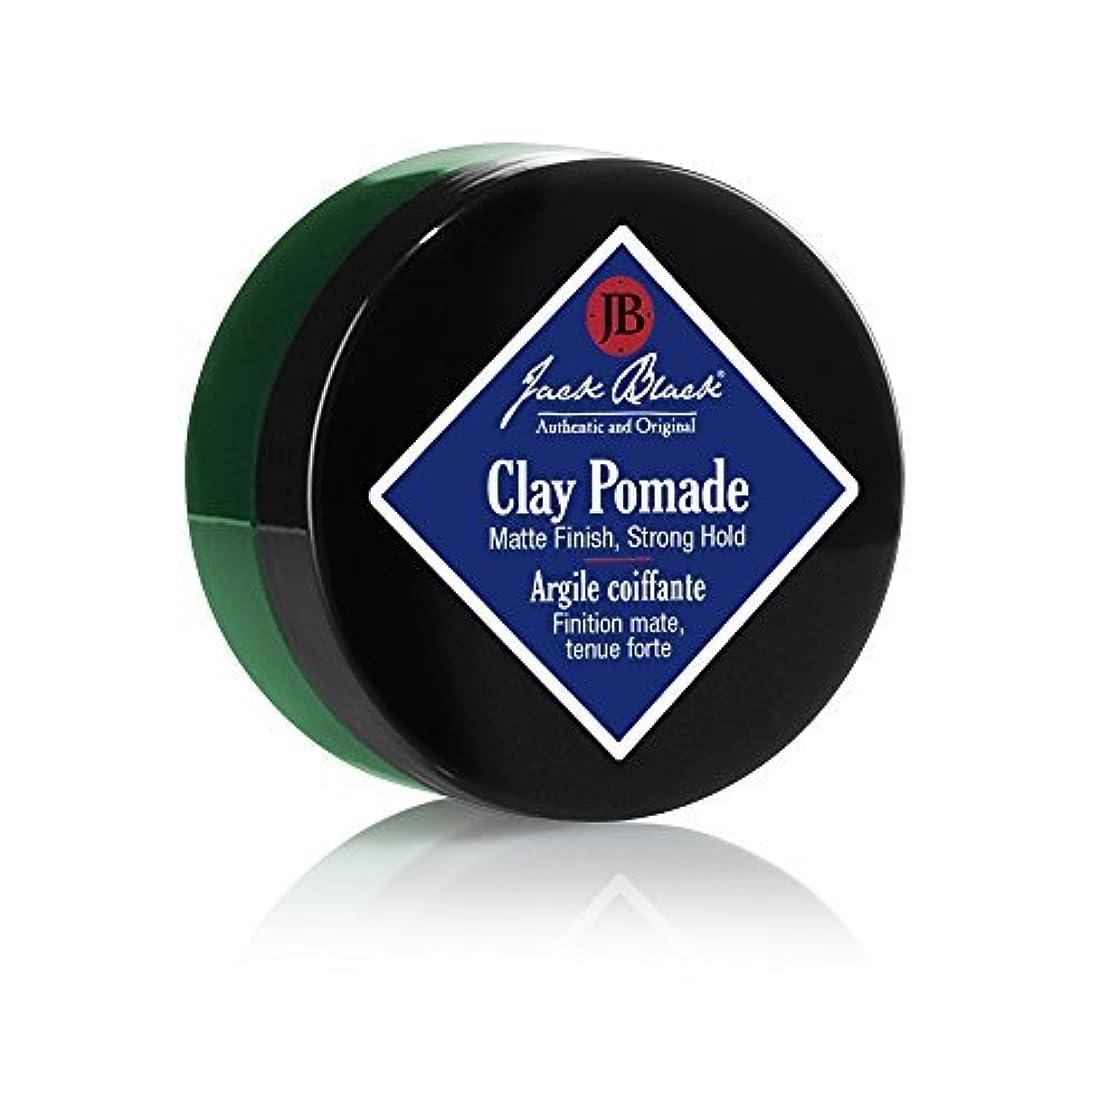 構築するオートマトントチの実の木ジャックブラック Clay Pomade (Matte Finish, Strong Hold) 77g/2.75oz並行輸入品